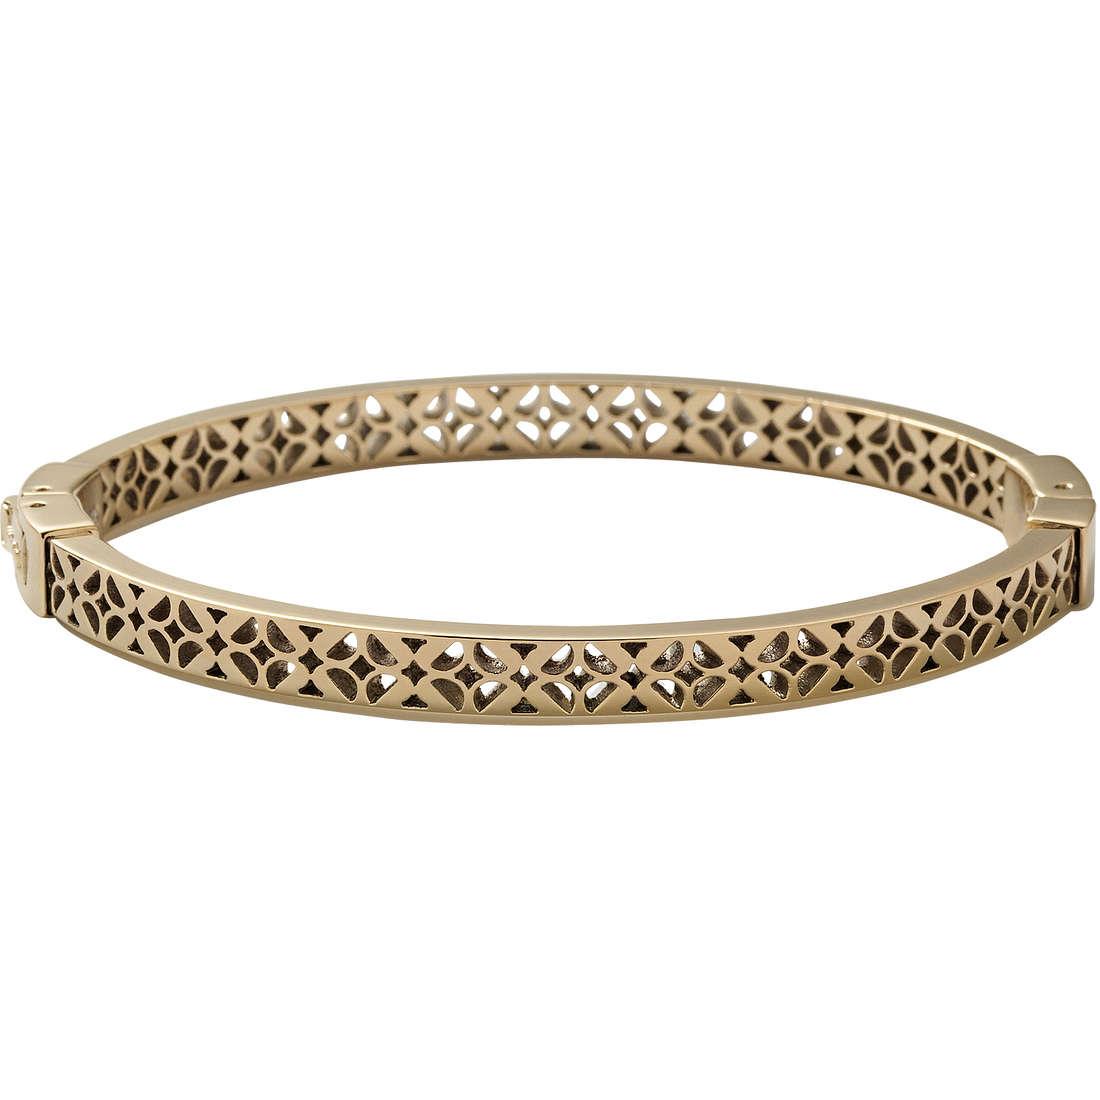 bracelet woman jewellery Fossil JF00098710